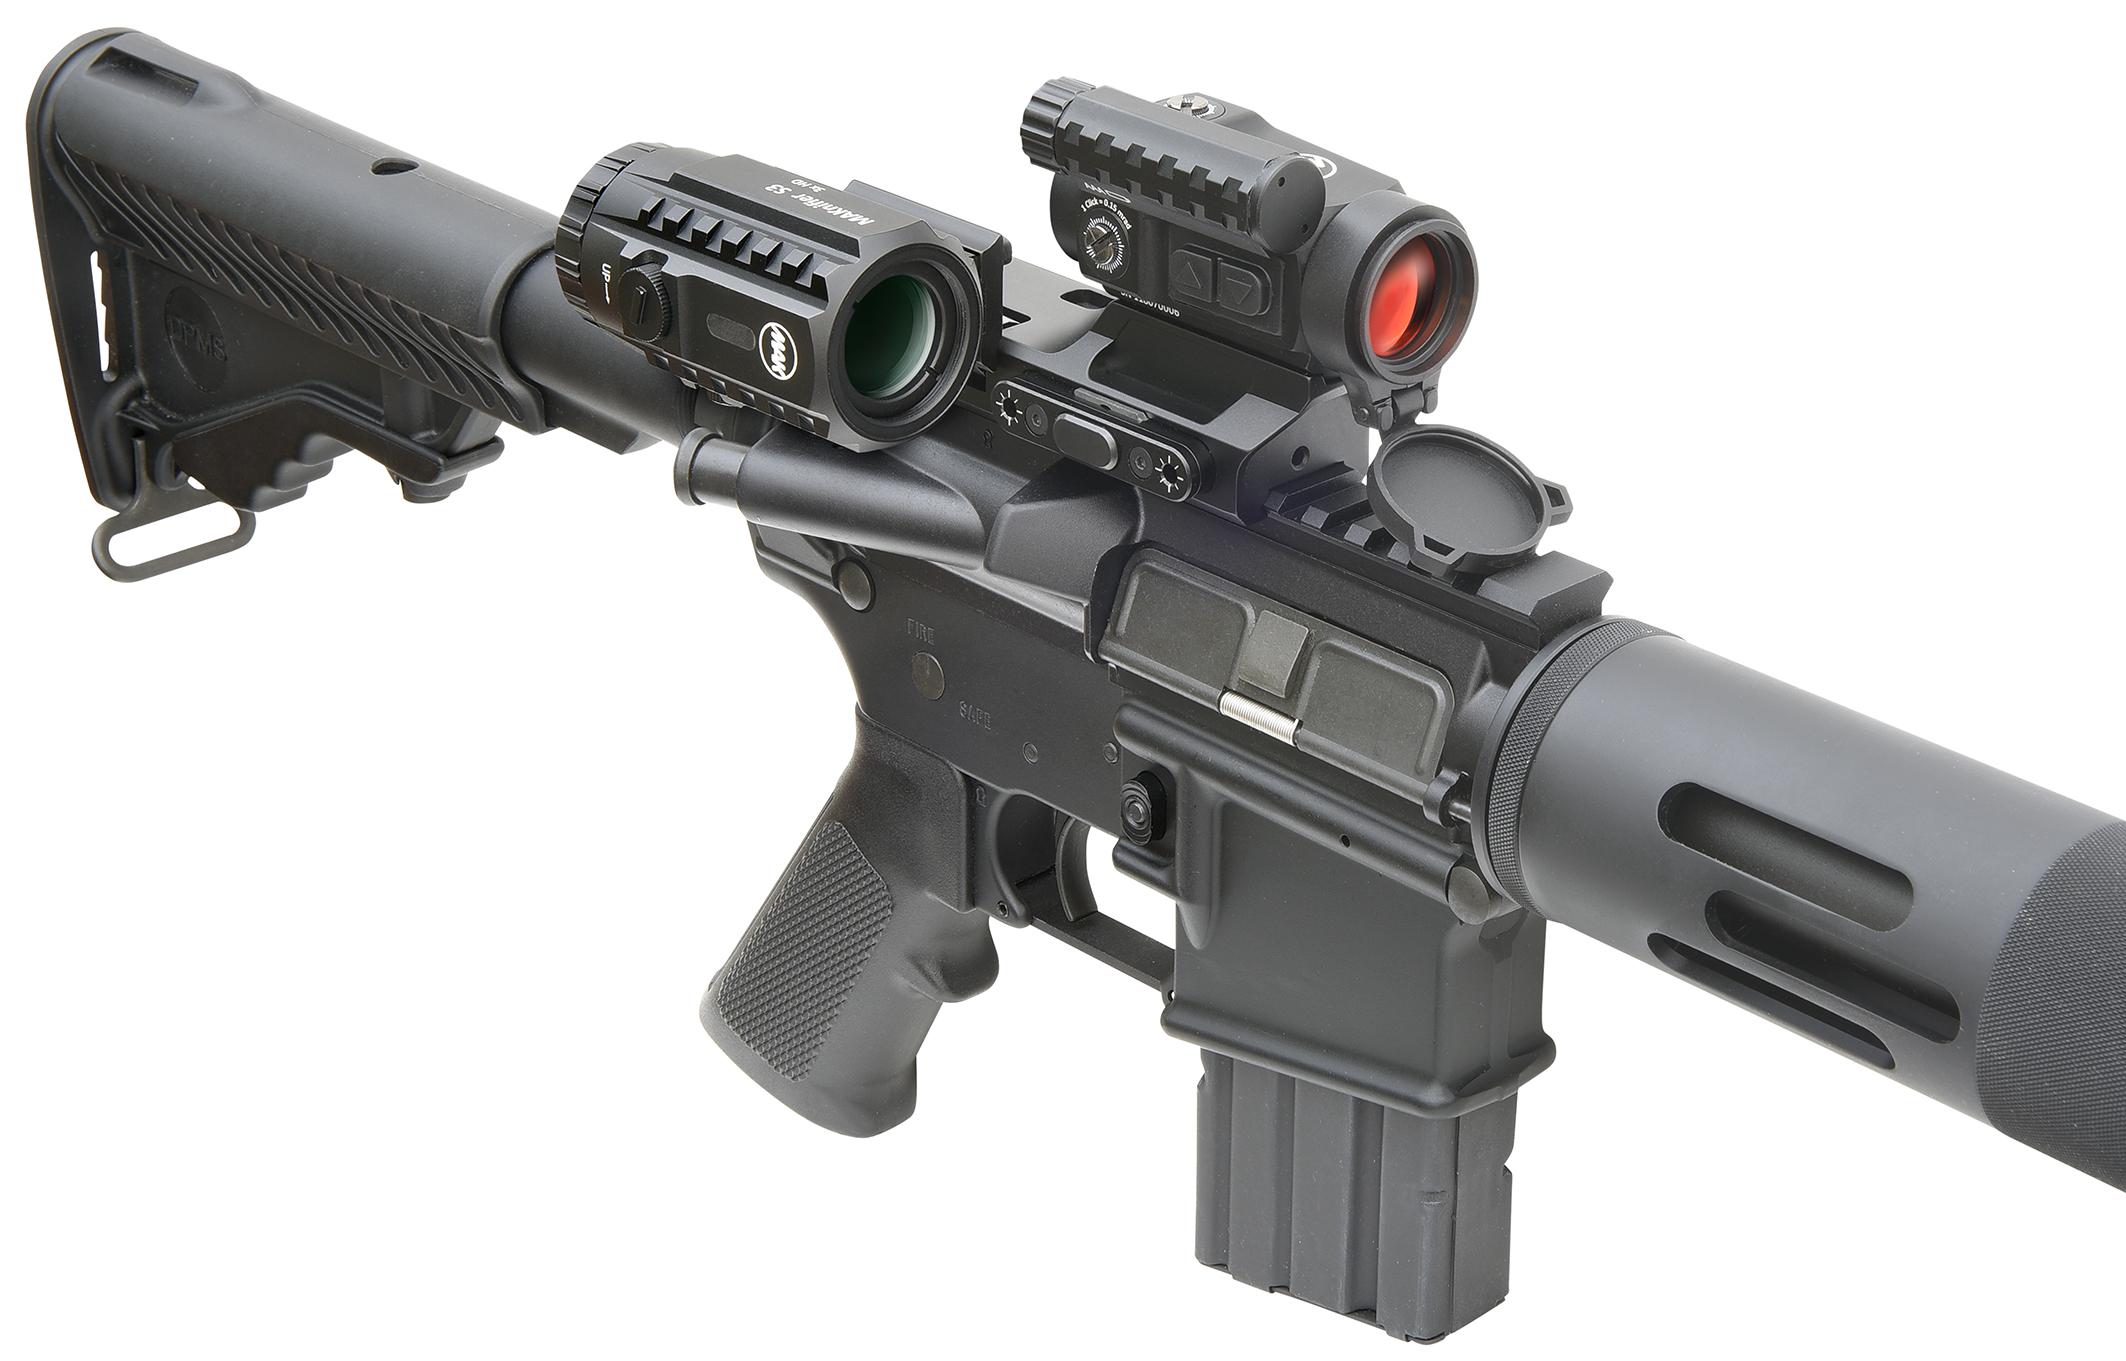 MAK MAKcomboSystem - Red Dot/Magnifier-Kombination